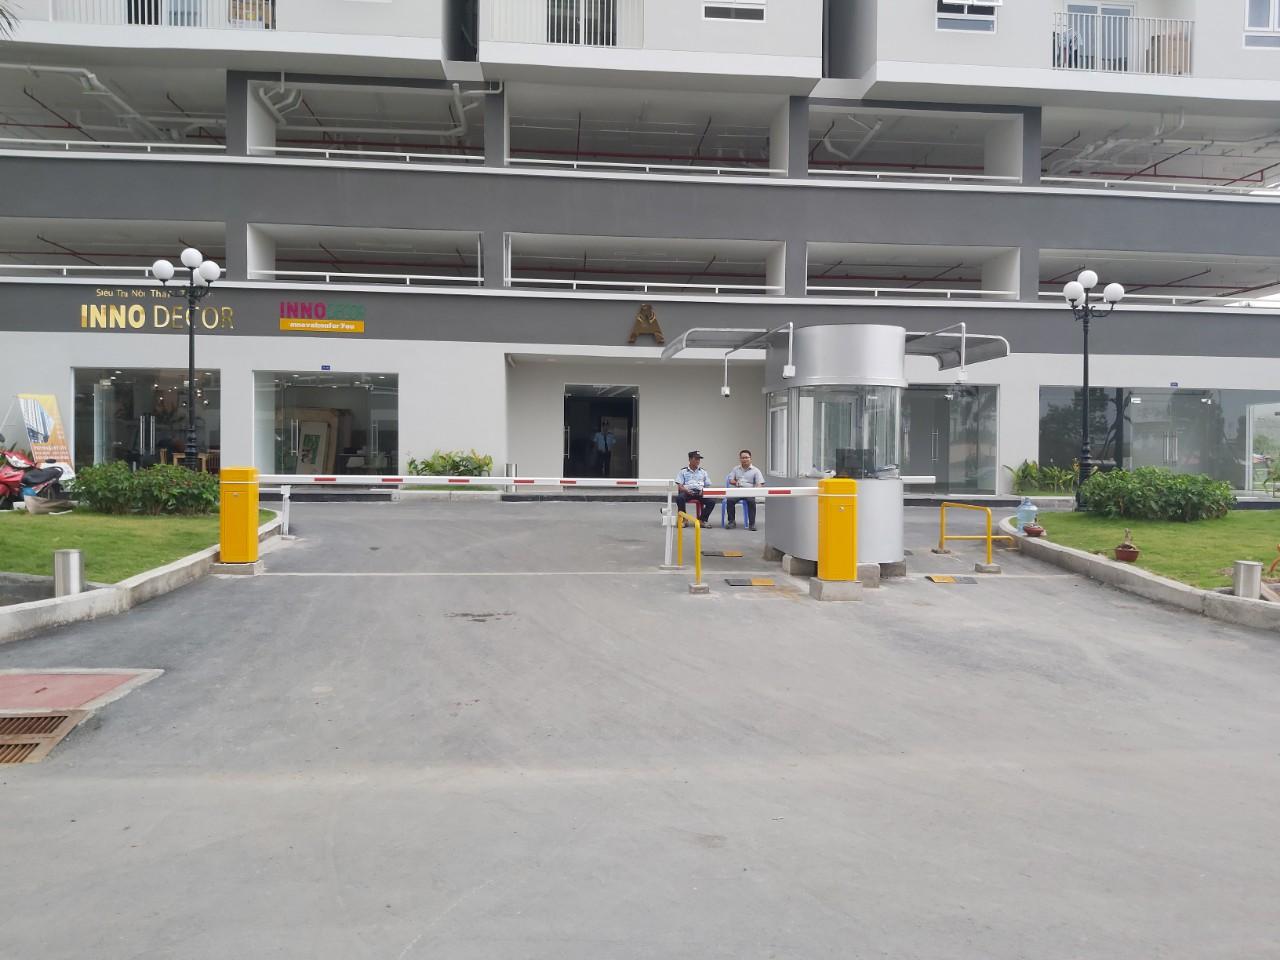 Máy giữ xe chung cư Hưng Thịnh